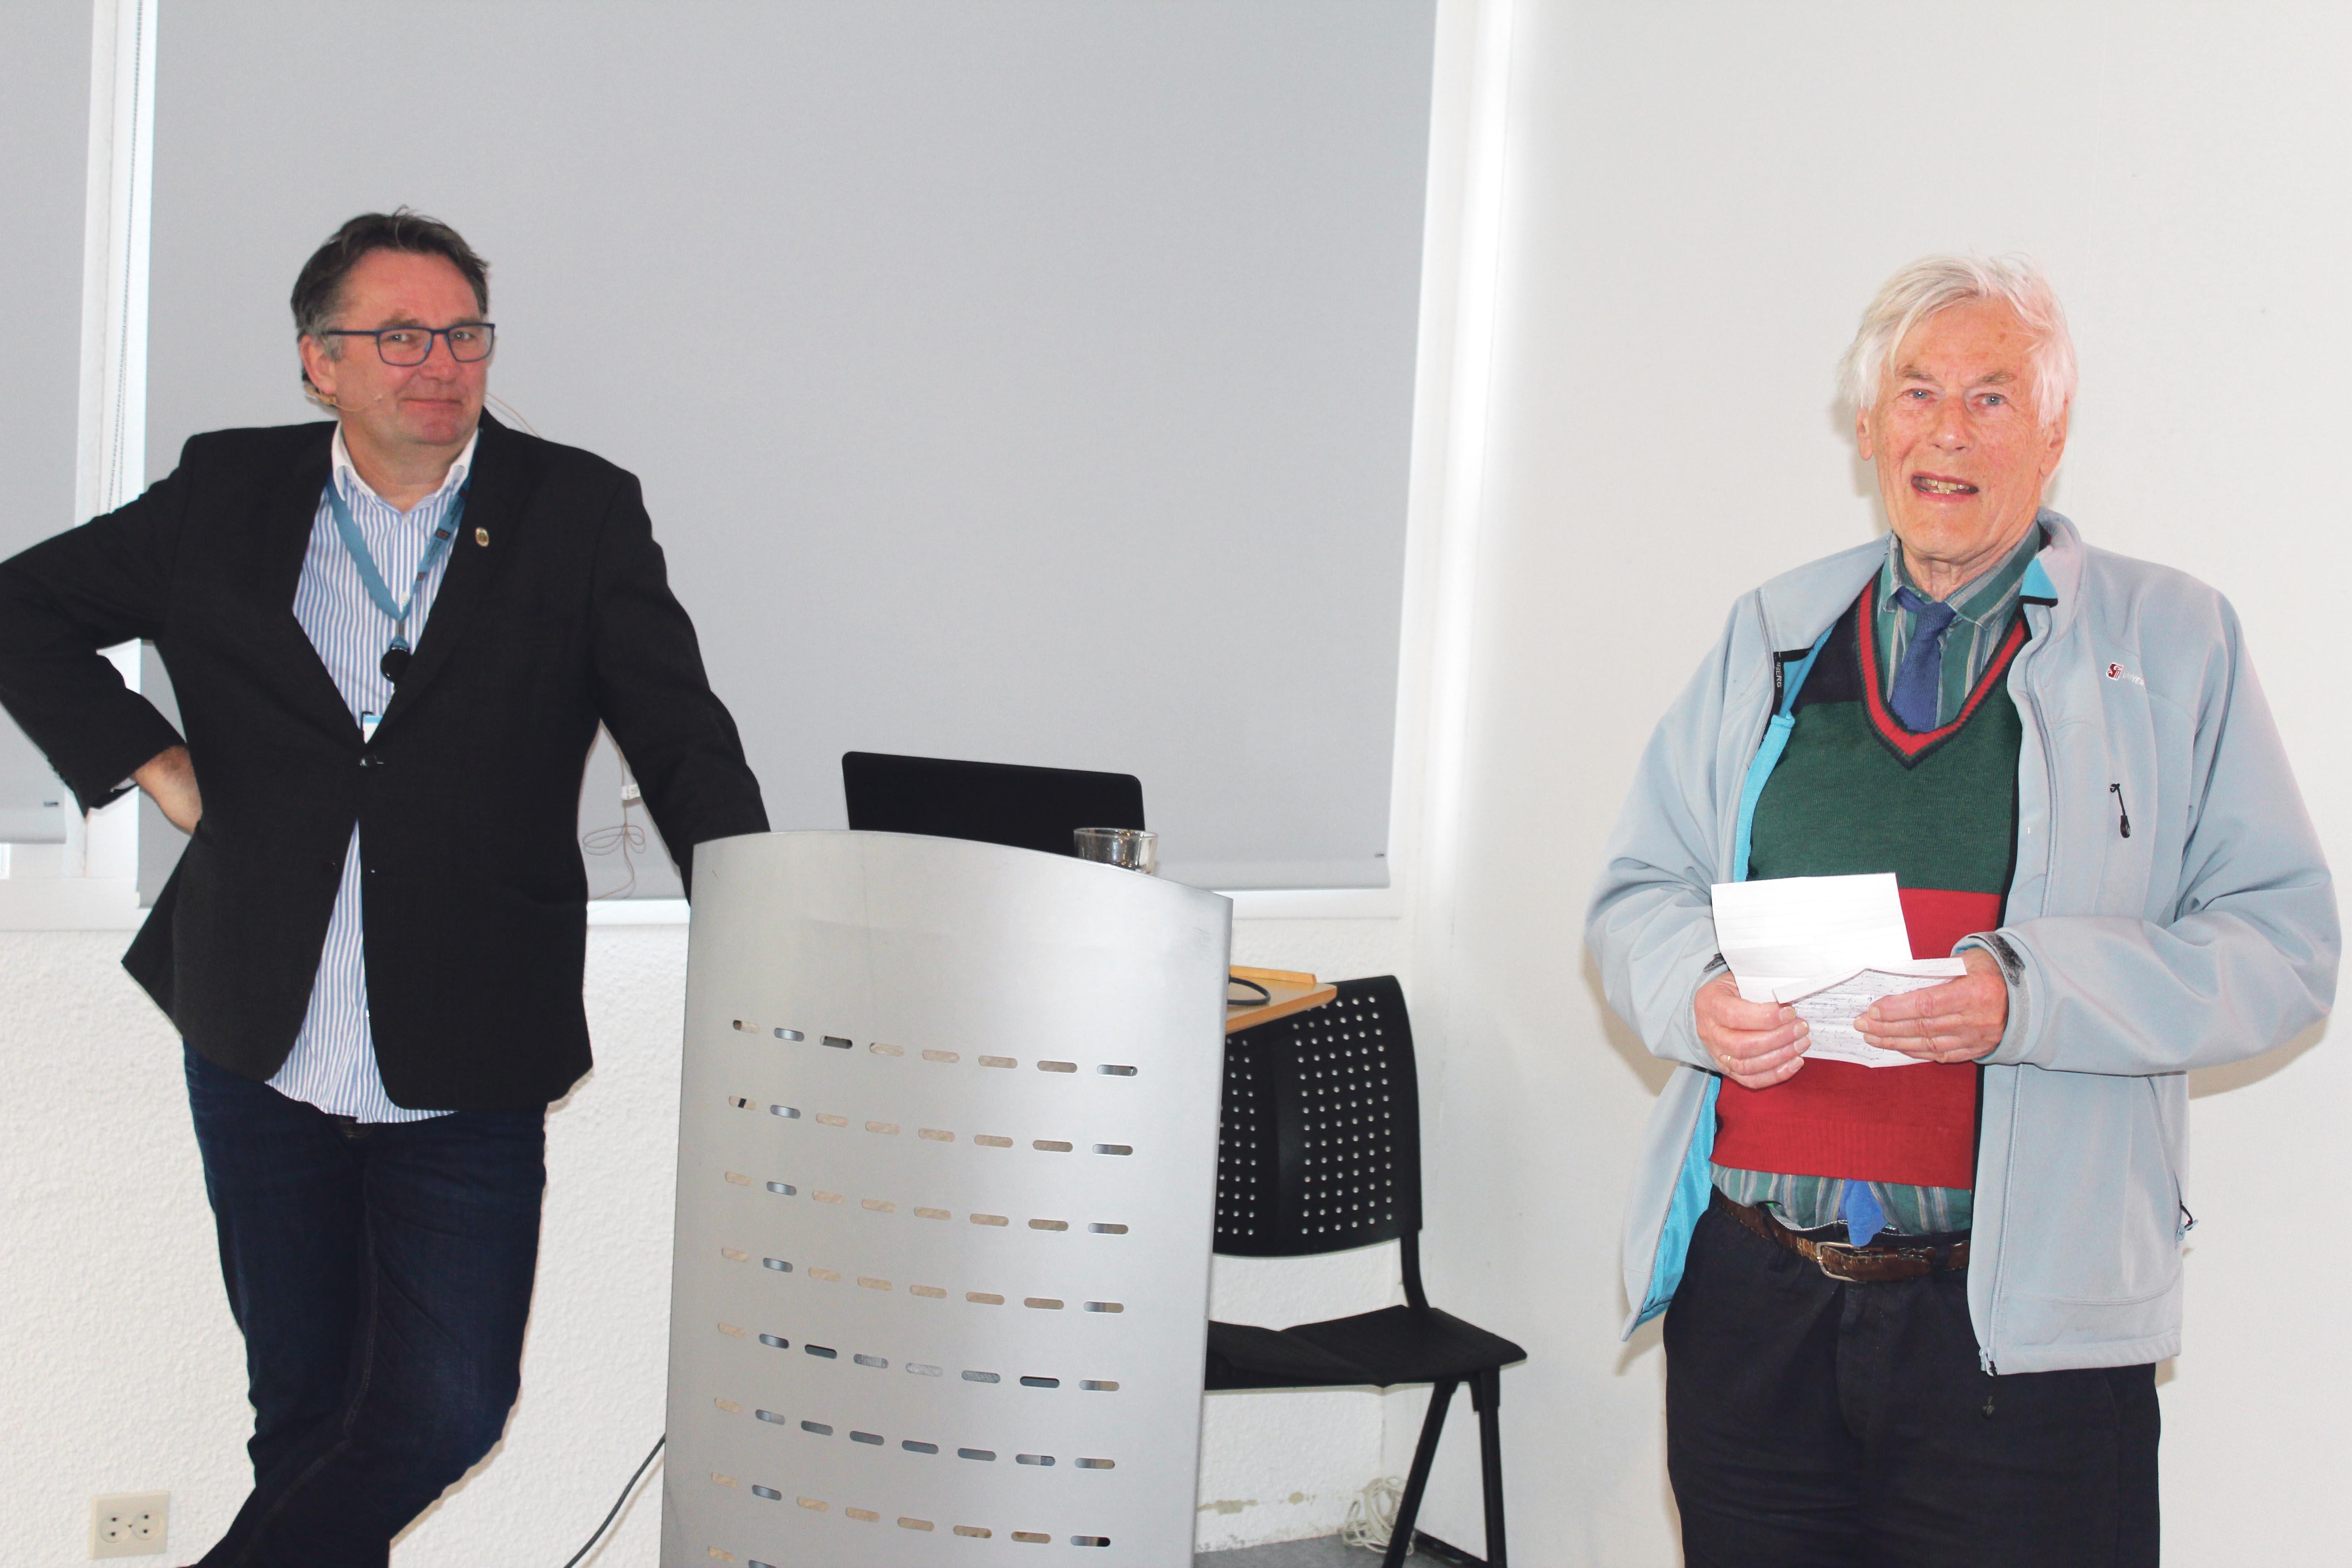 Kulturdirektør Stein Tore Sorthe Presenteres Av Seniors Leder Tor Einar Hanisch.